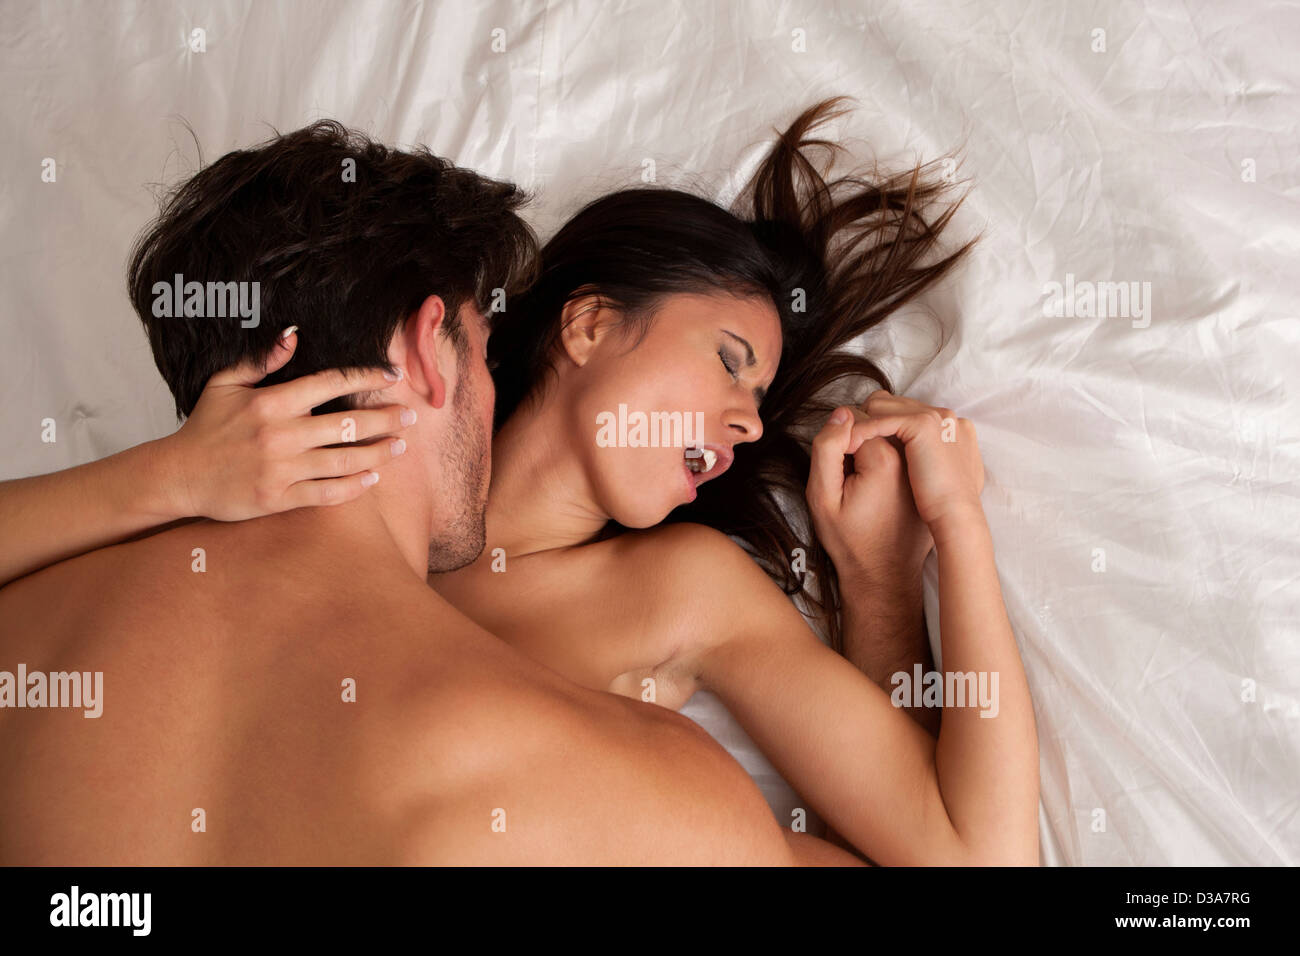 Amour Au Lit Photos couple faisant l'amour au lit banque d'images, photo stock: 53700740